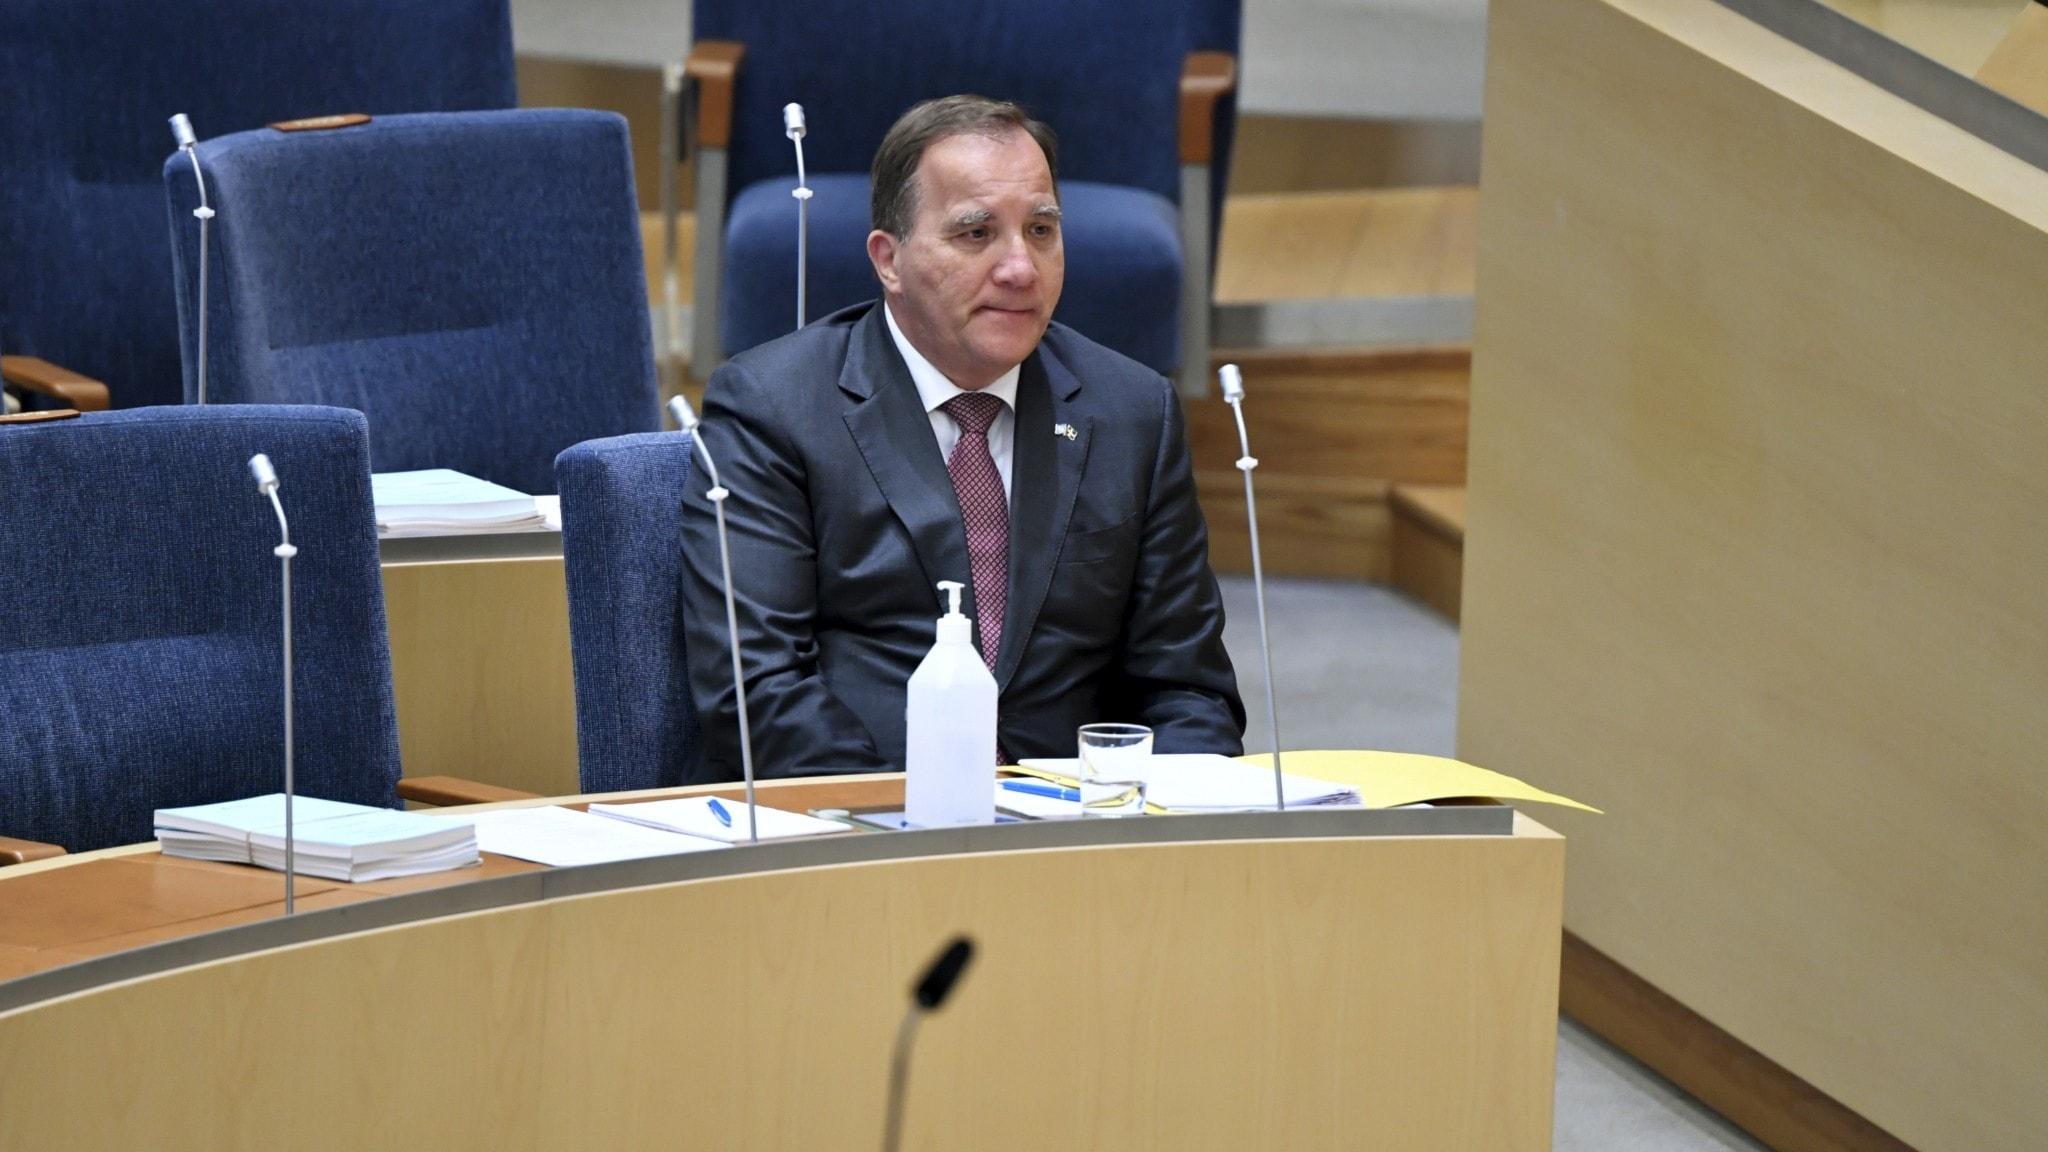 Även Moderaterna röstar för att avsätta Löfven – finns majoritet i riksdagen